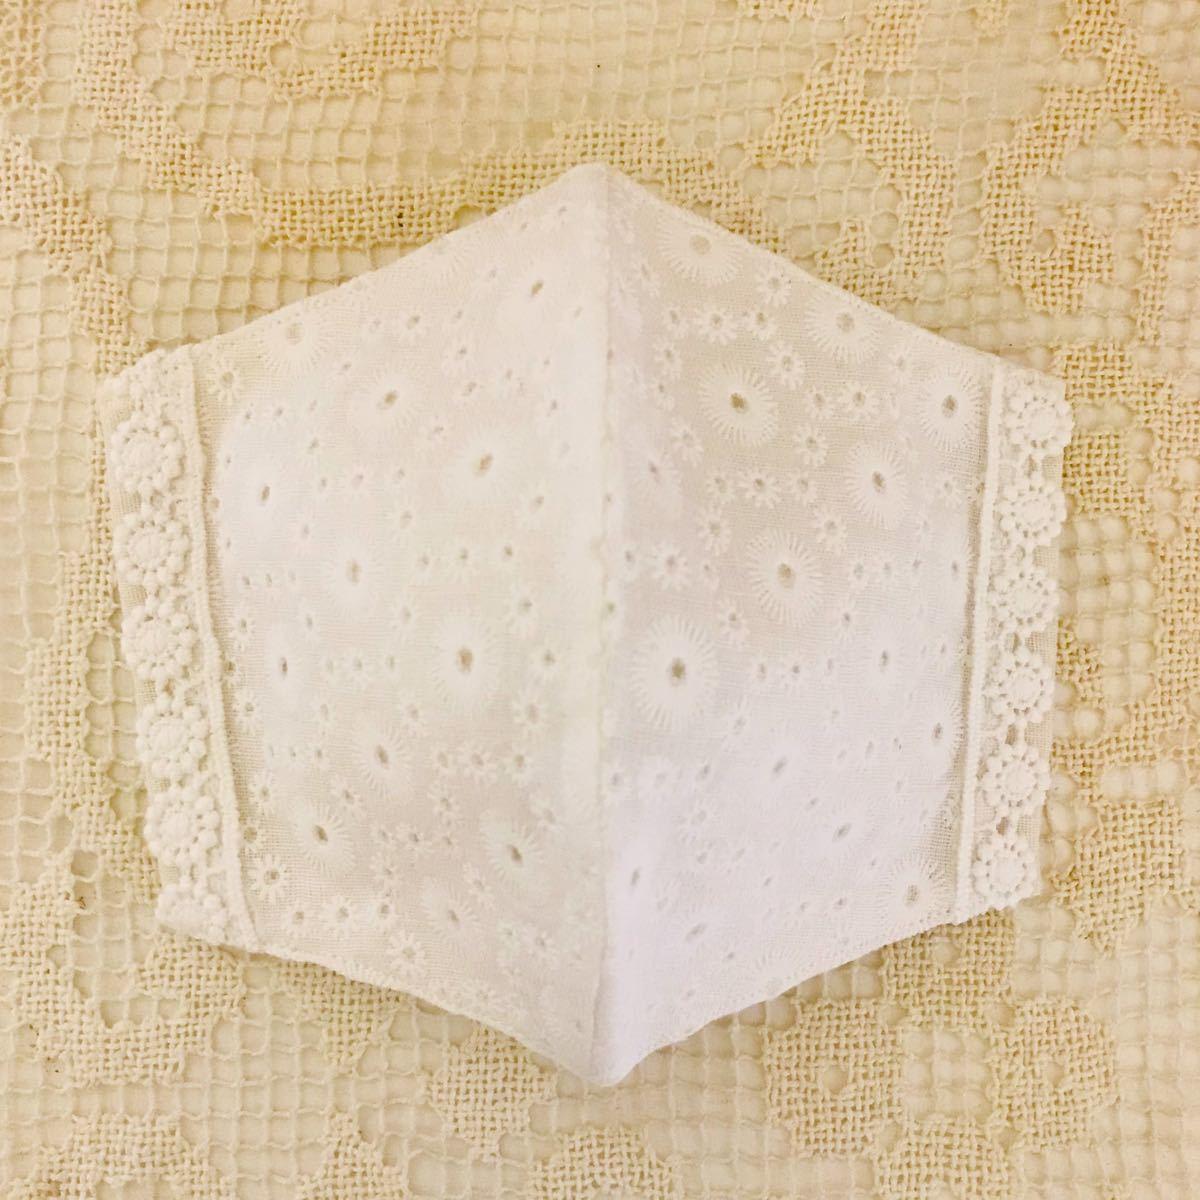 立体カバー 立体インナー ハンドメイド(2wayタイプ)ホワイトレース生地に生成りシングルガーゼ